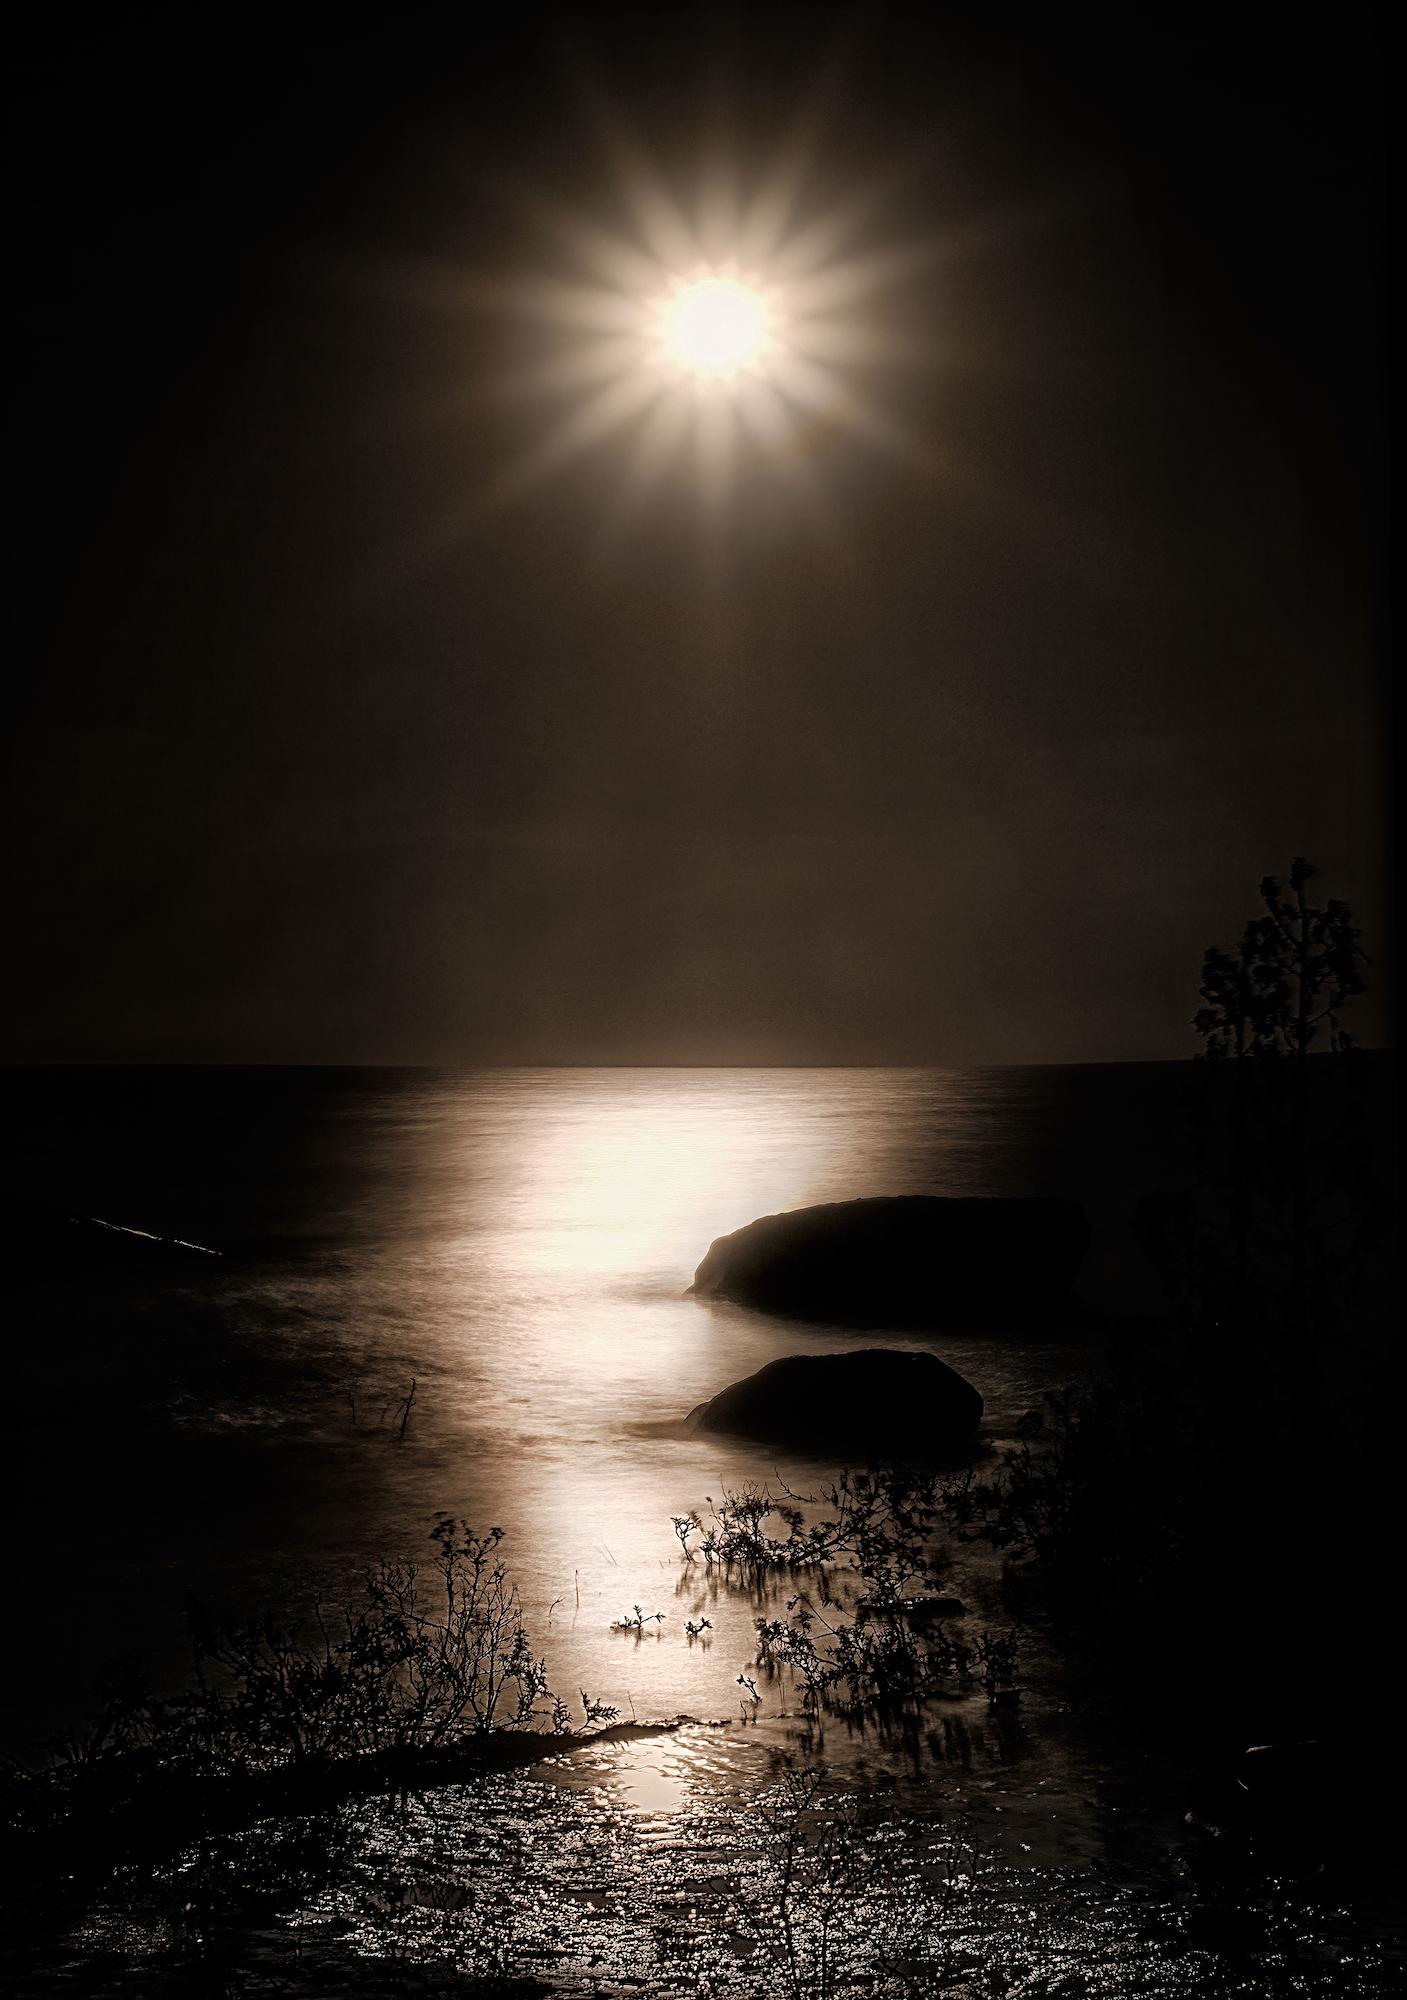 THE LAST SPLINTER OF LIGHT